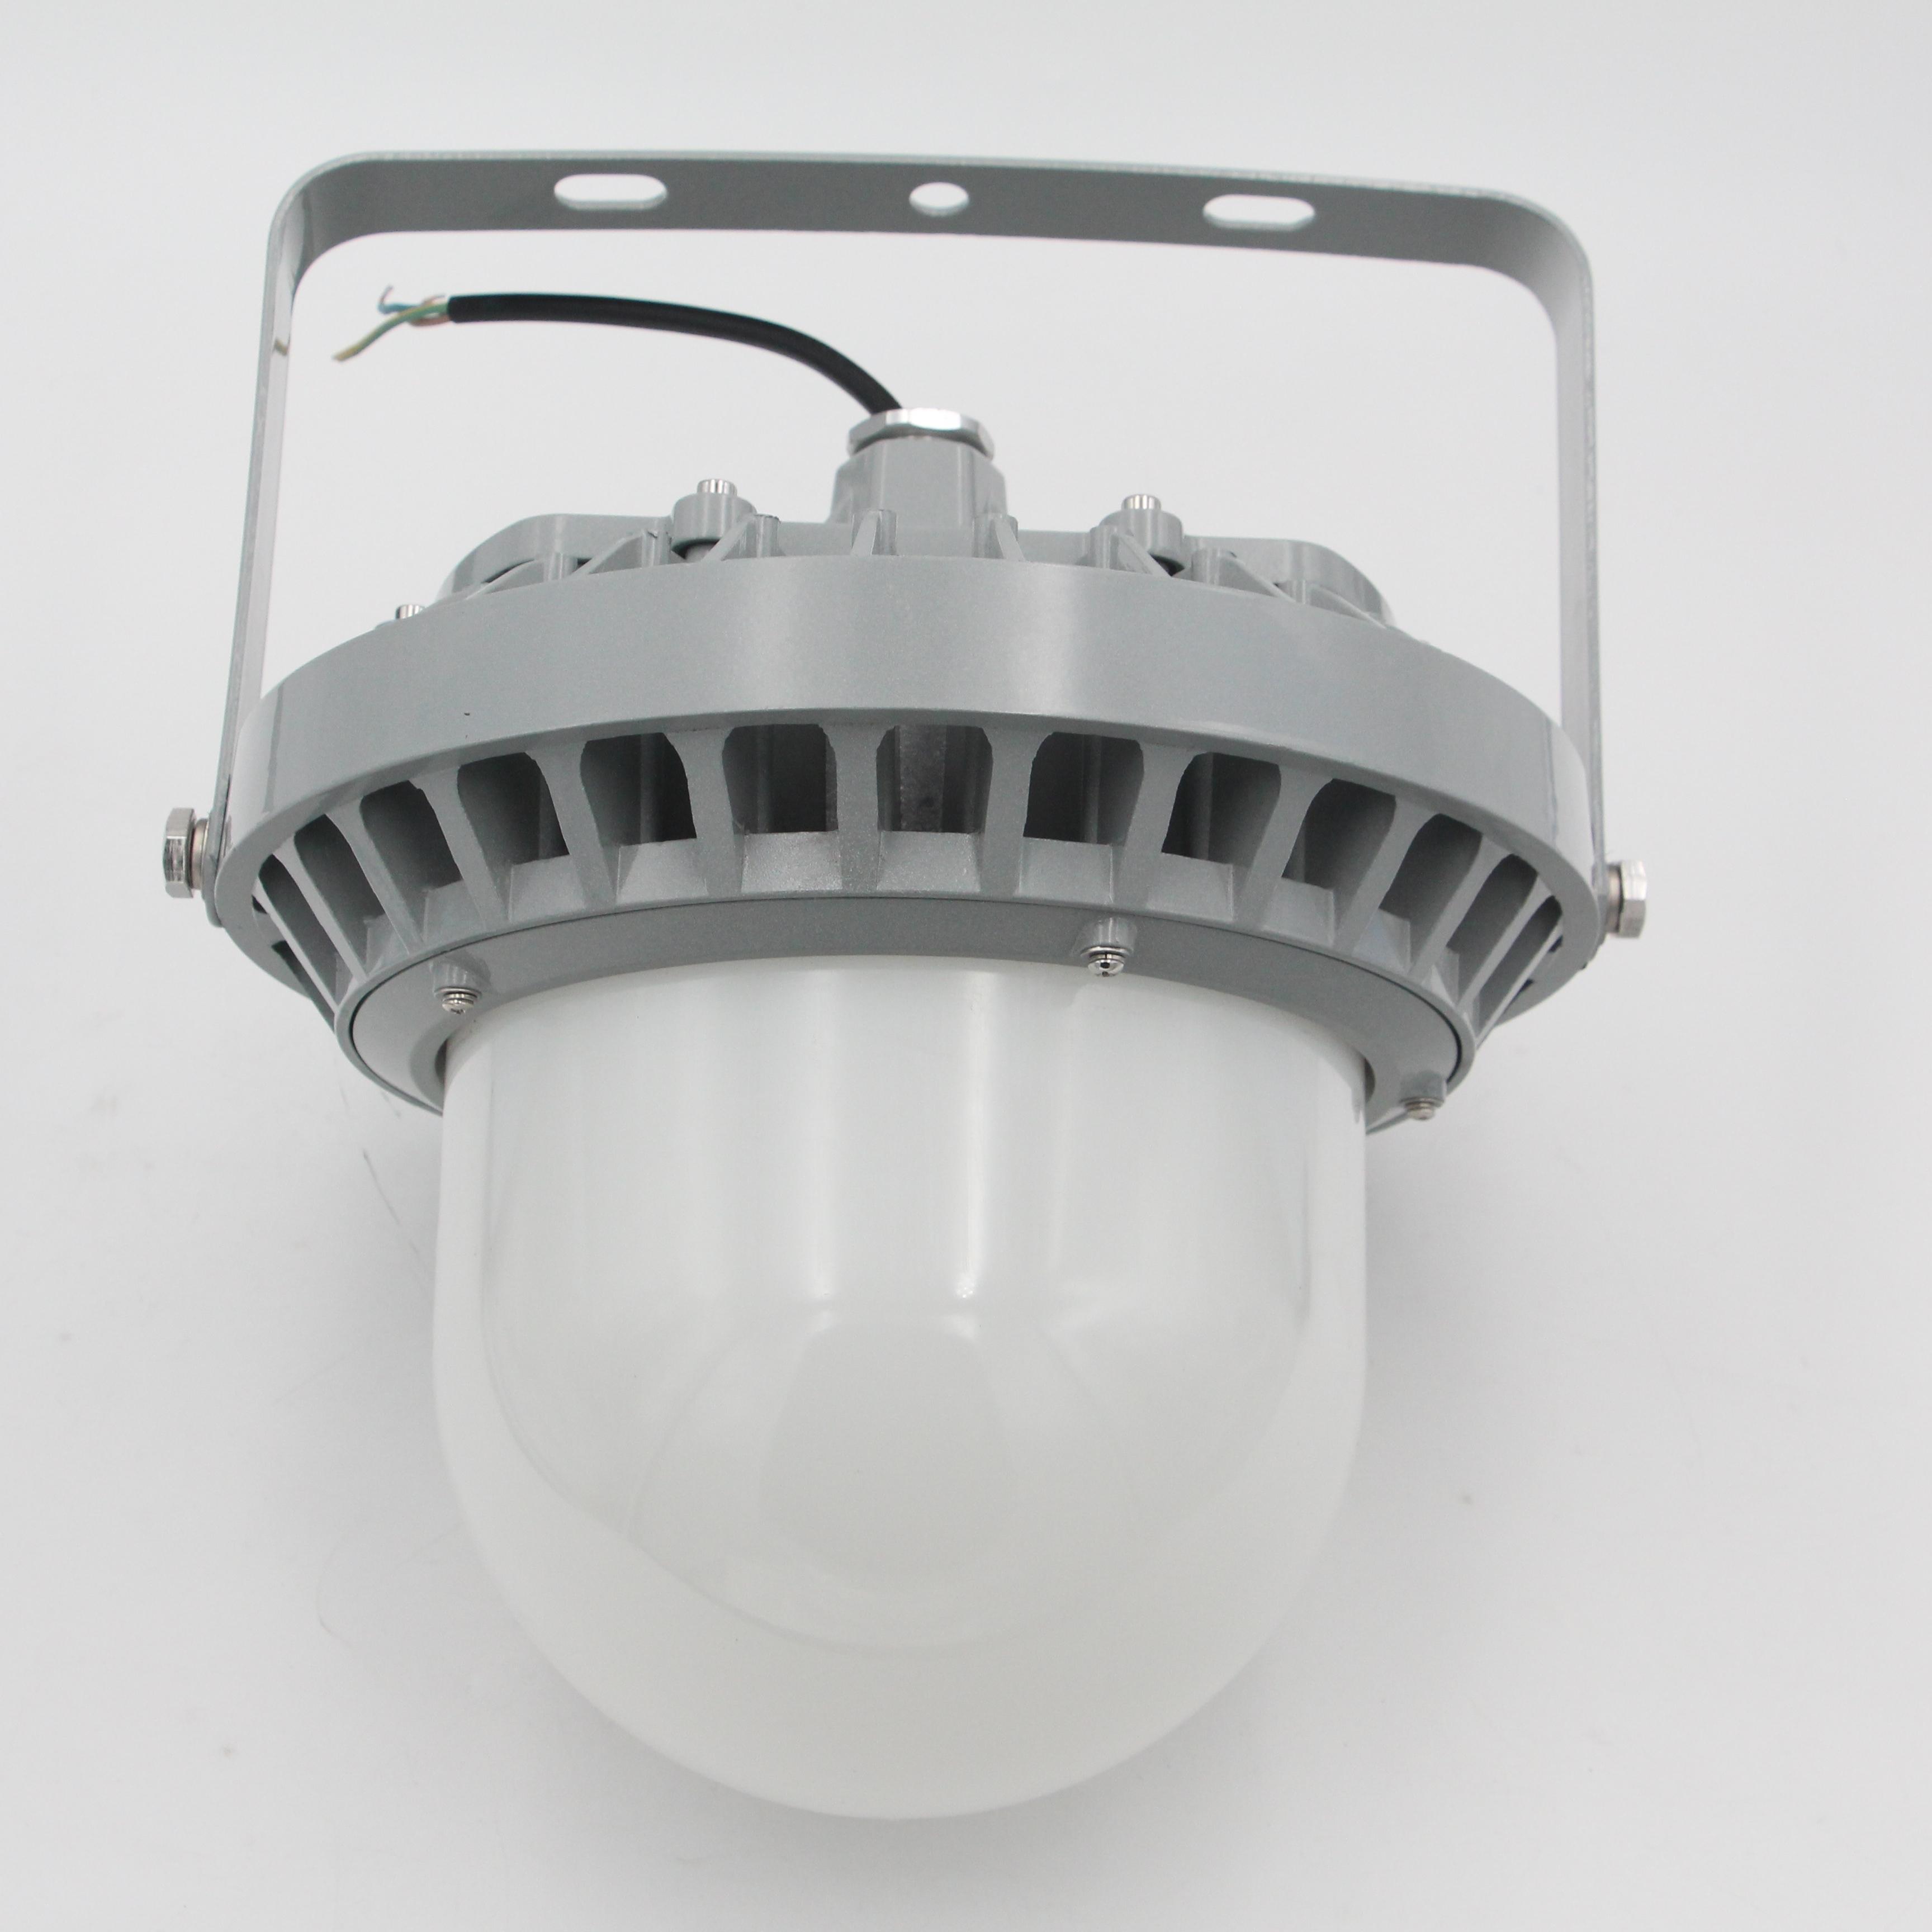 浙江NFC9186A_LED三防平台灯